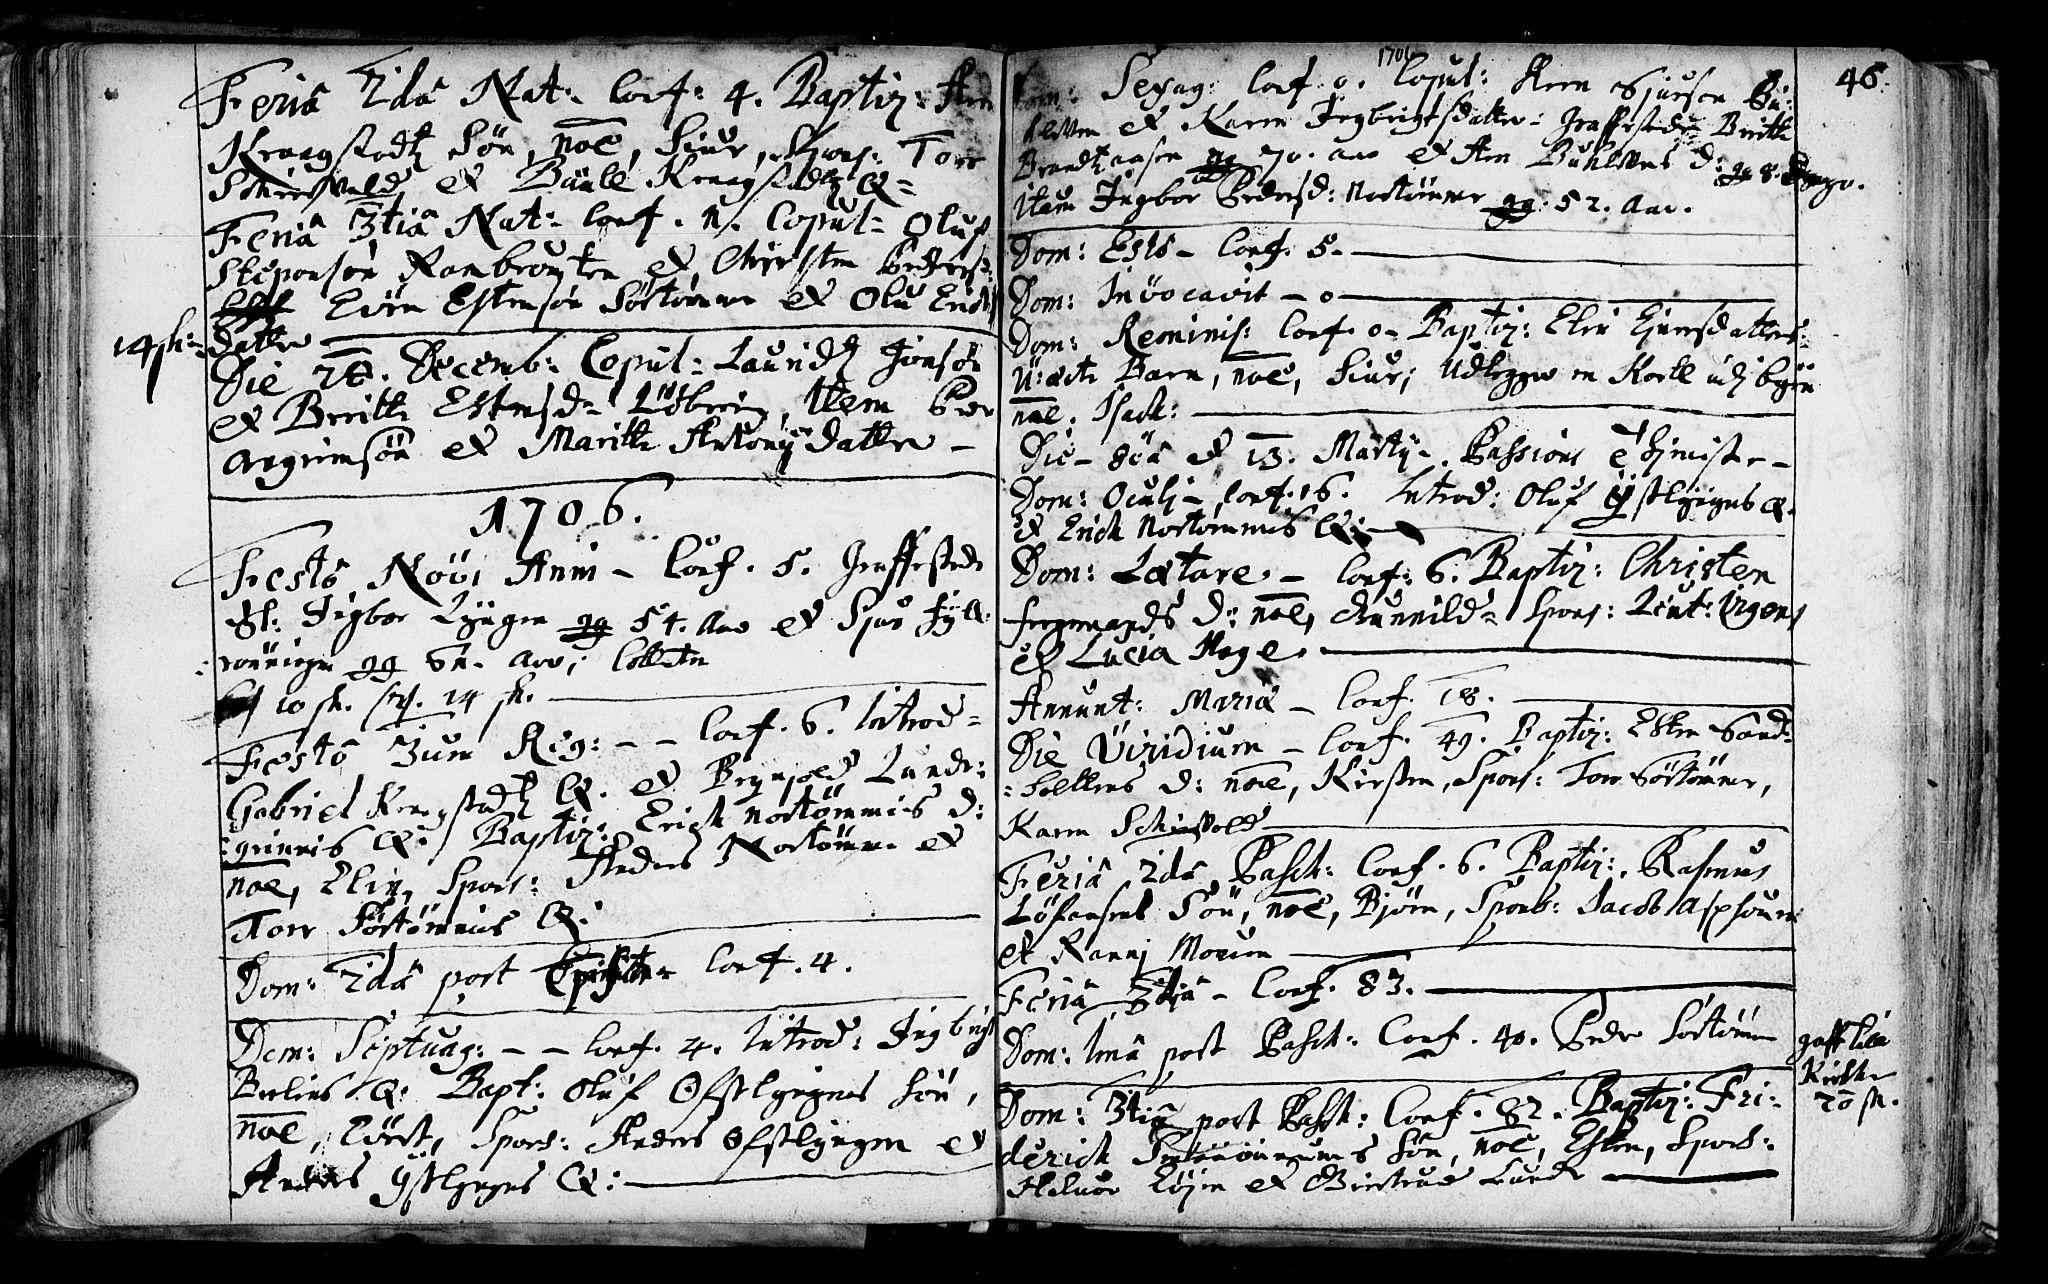 SAT, Ministerialprotokoller, klokkerbøker og fødselsregistre - Sør-Trøndelag, 692/L1101: Ministerialbok nr. 692A01, 1690-1746, s. 46